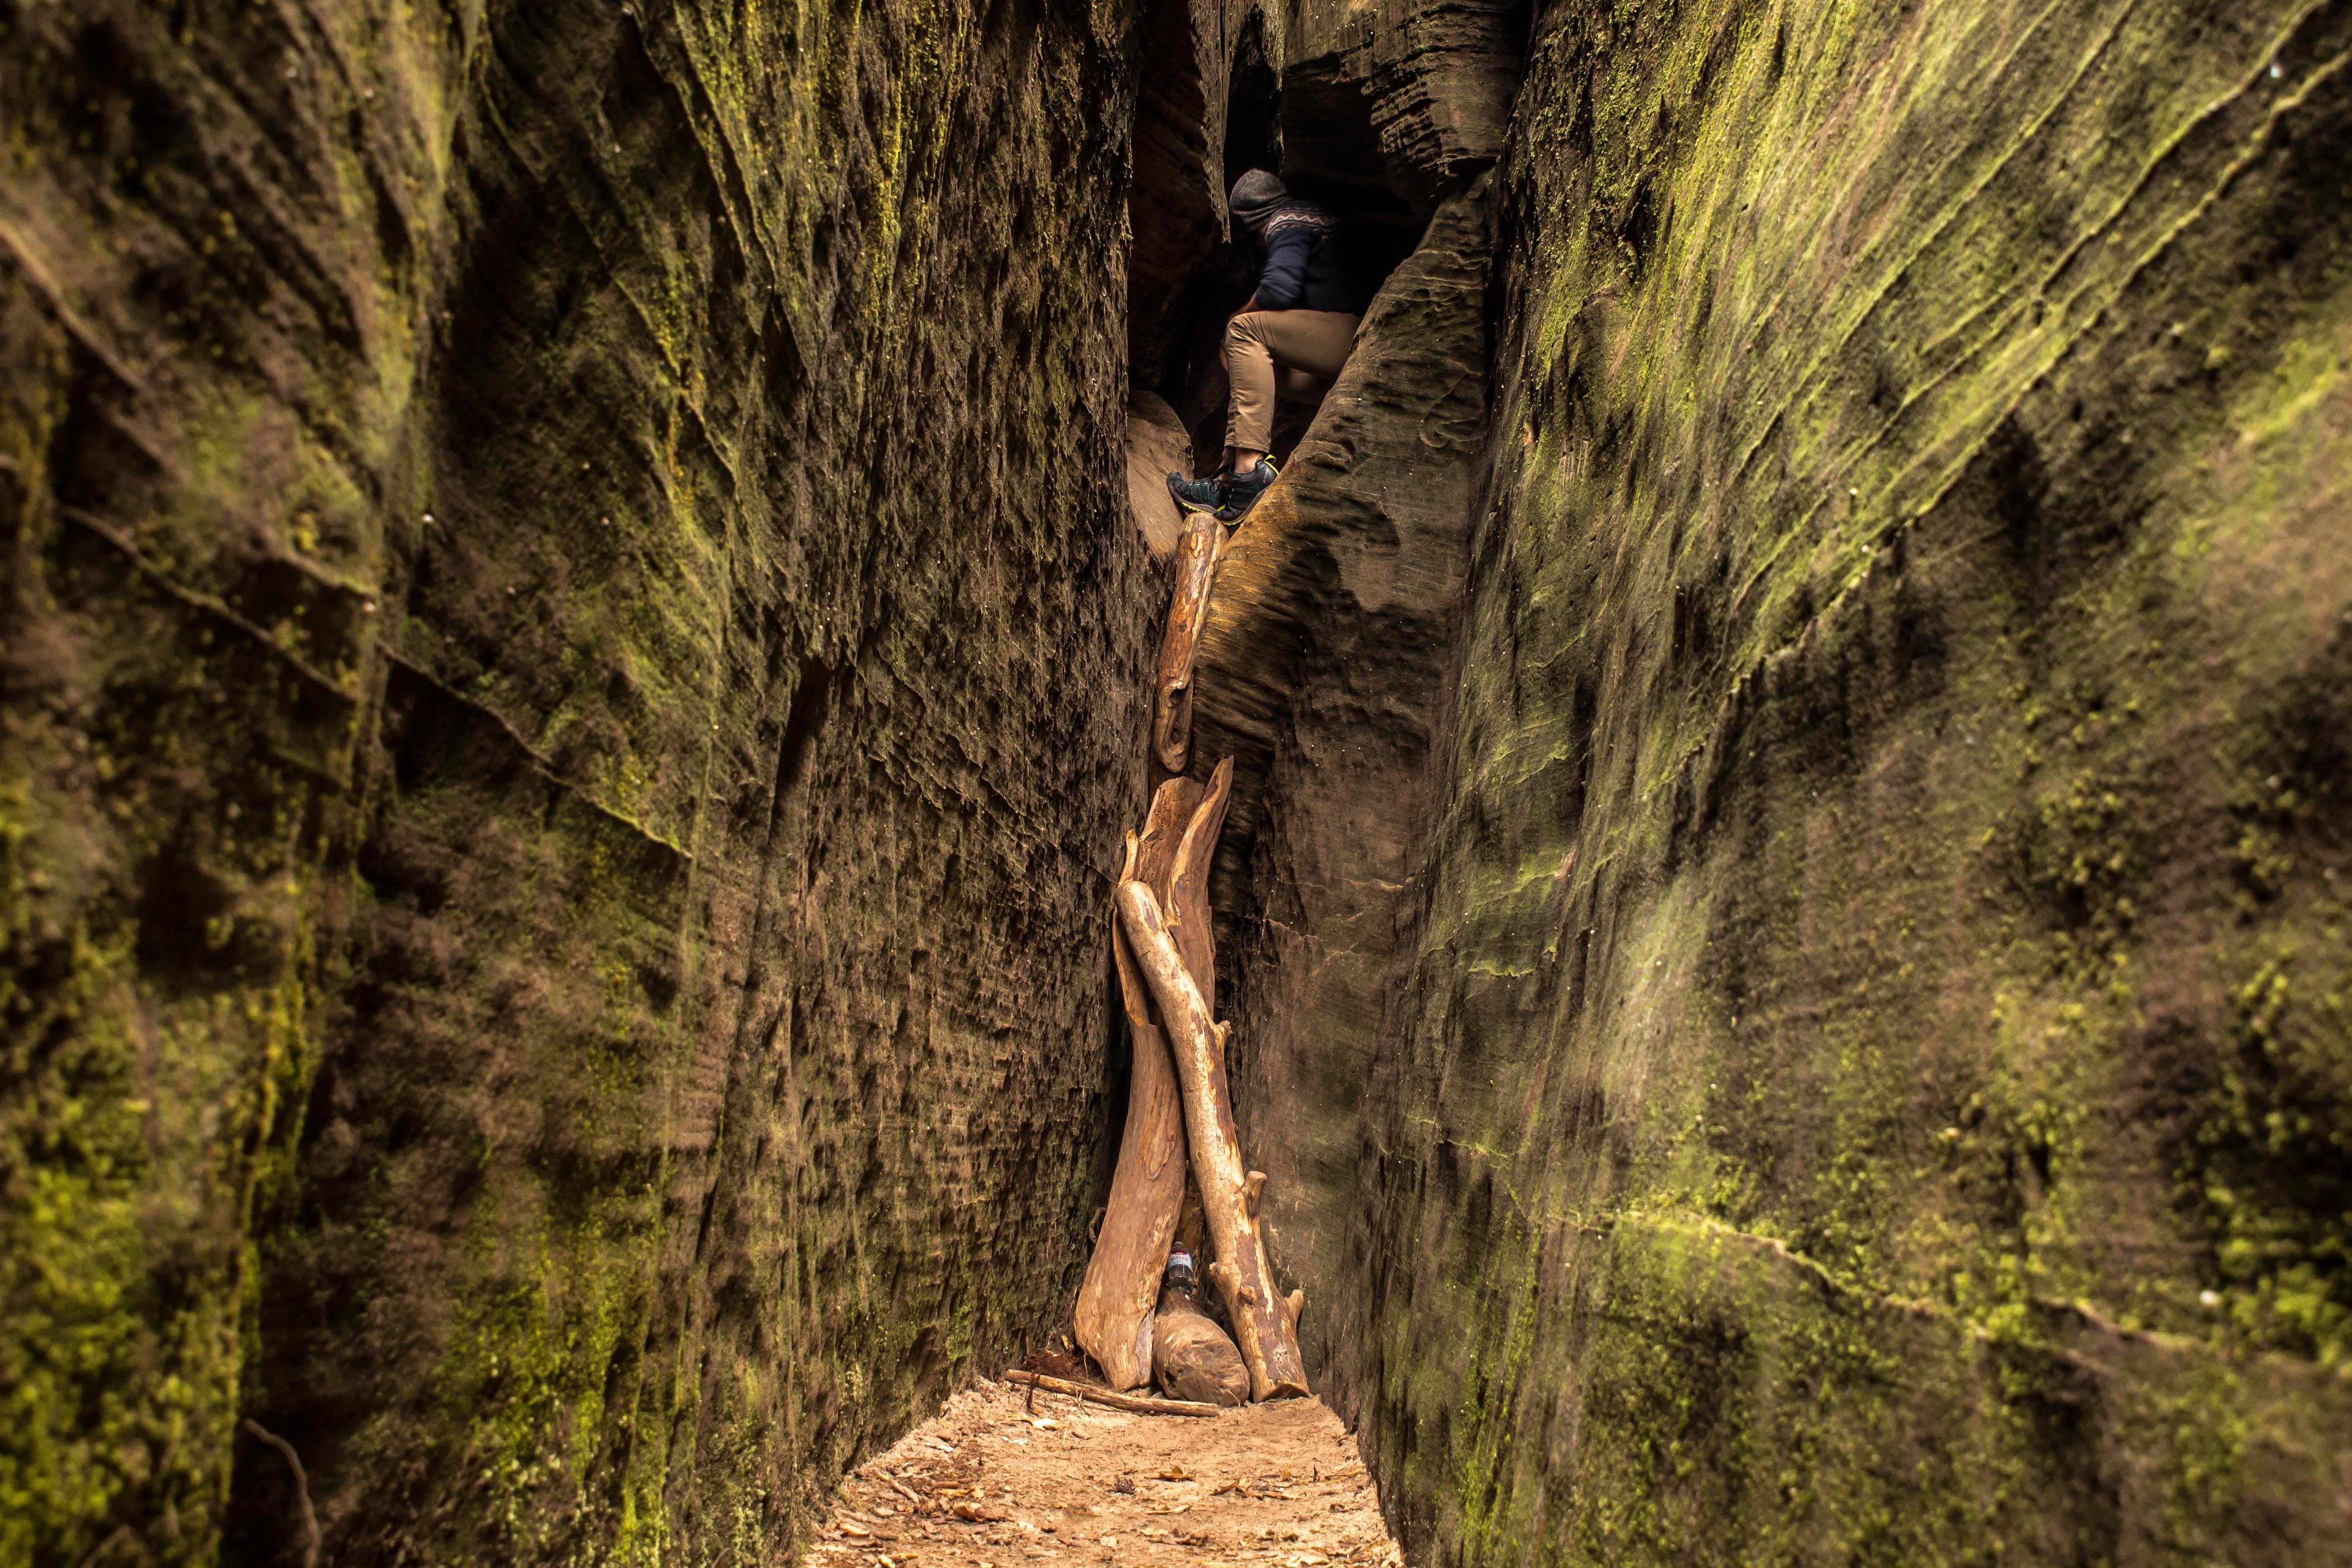 man inside cave between narrow pathway